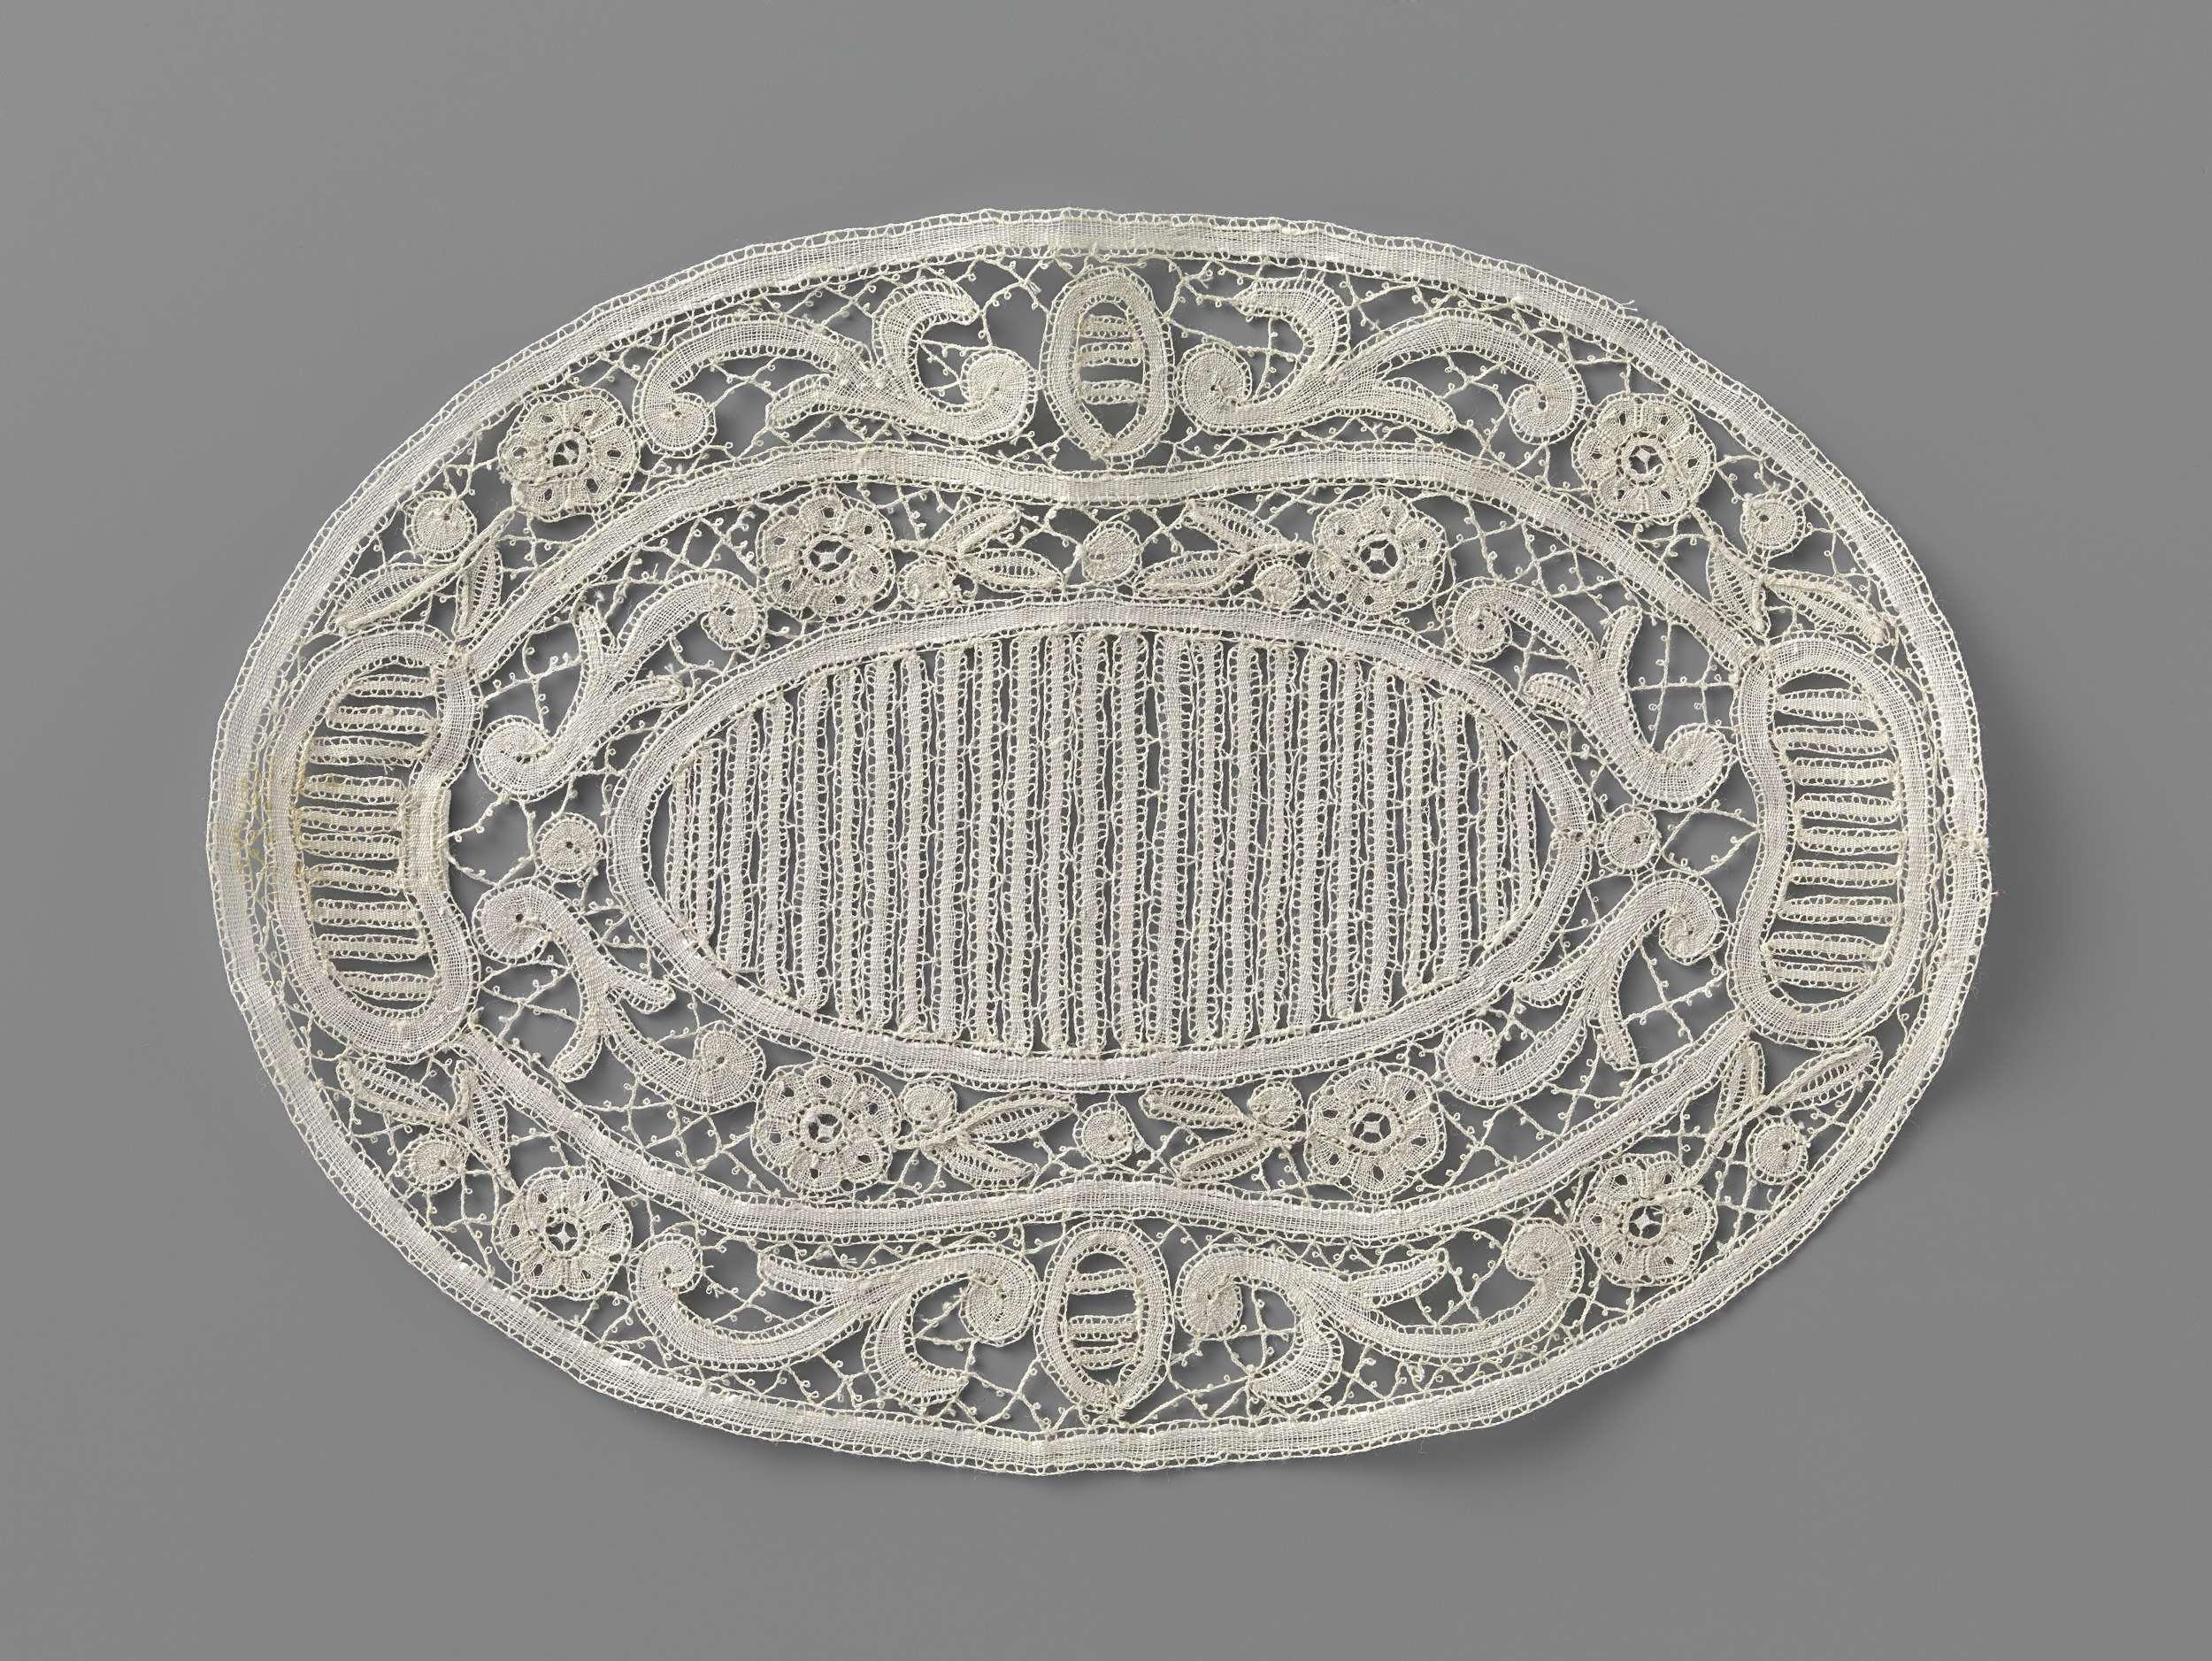 f58eb703868813 Ovaal kleedje van kloskant met gearceerde medaillons